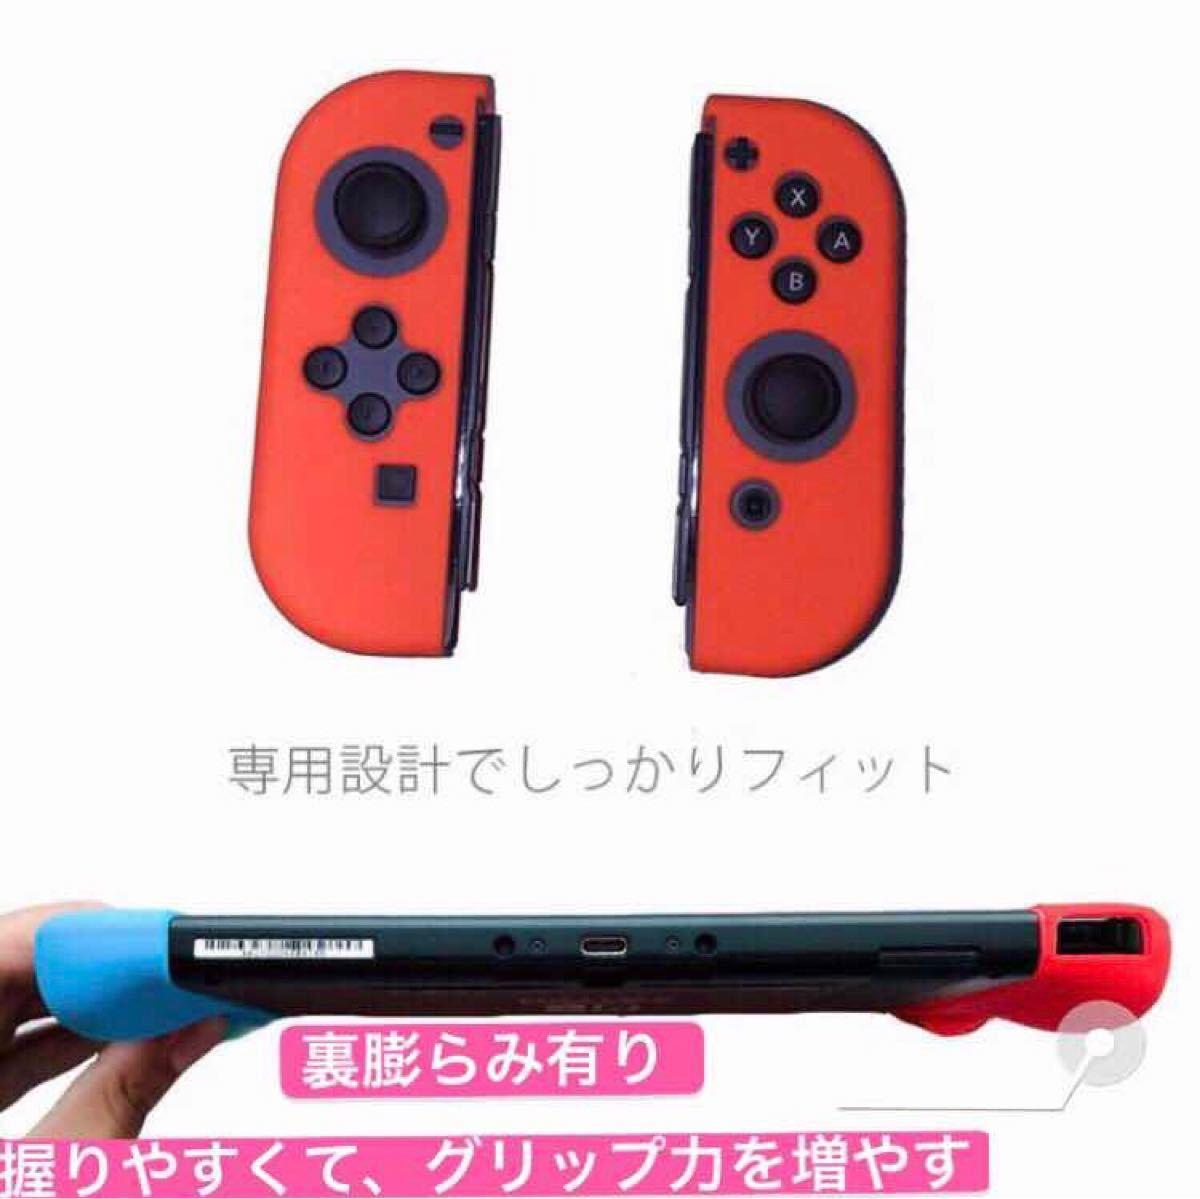 任天堂Switch ジョイコンカバー スイッチスティックカバー付き たぬきち